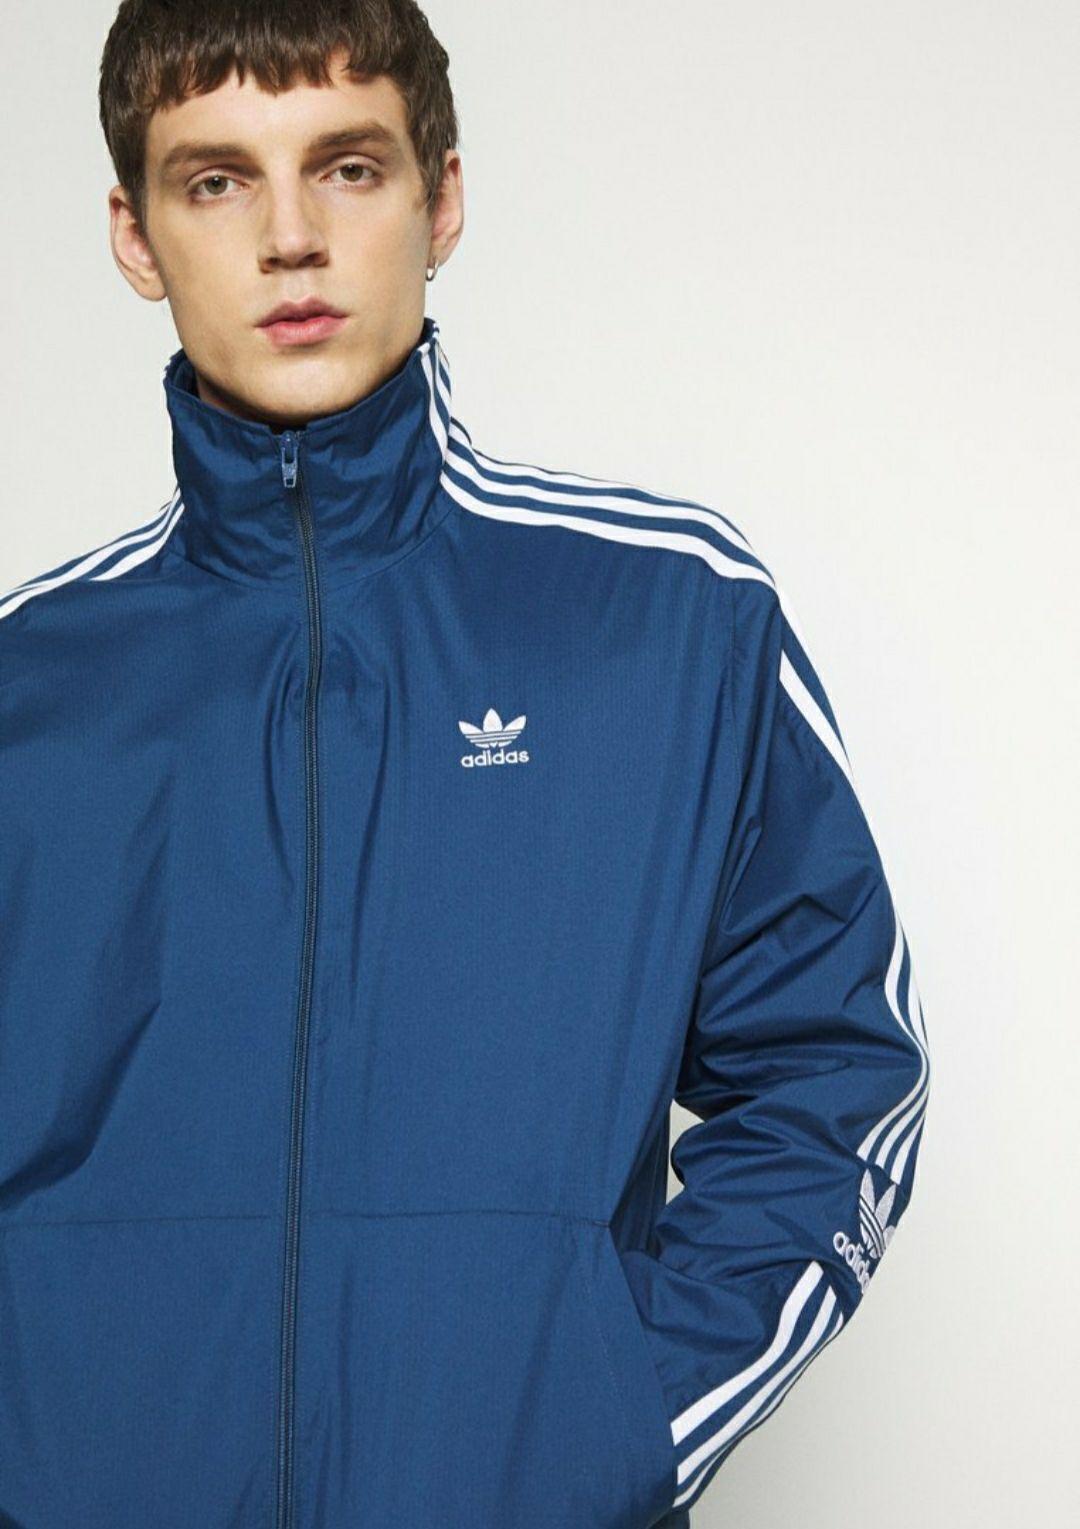 Adidas originals chaqueta fina azul (Todas las tallas)